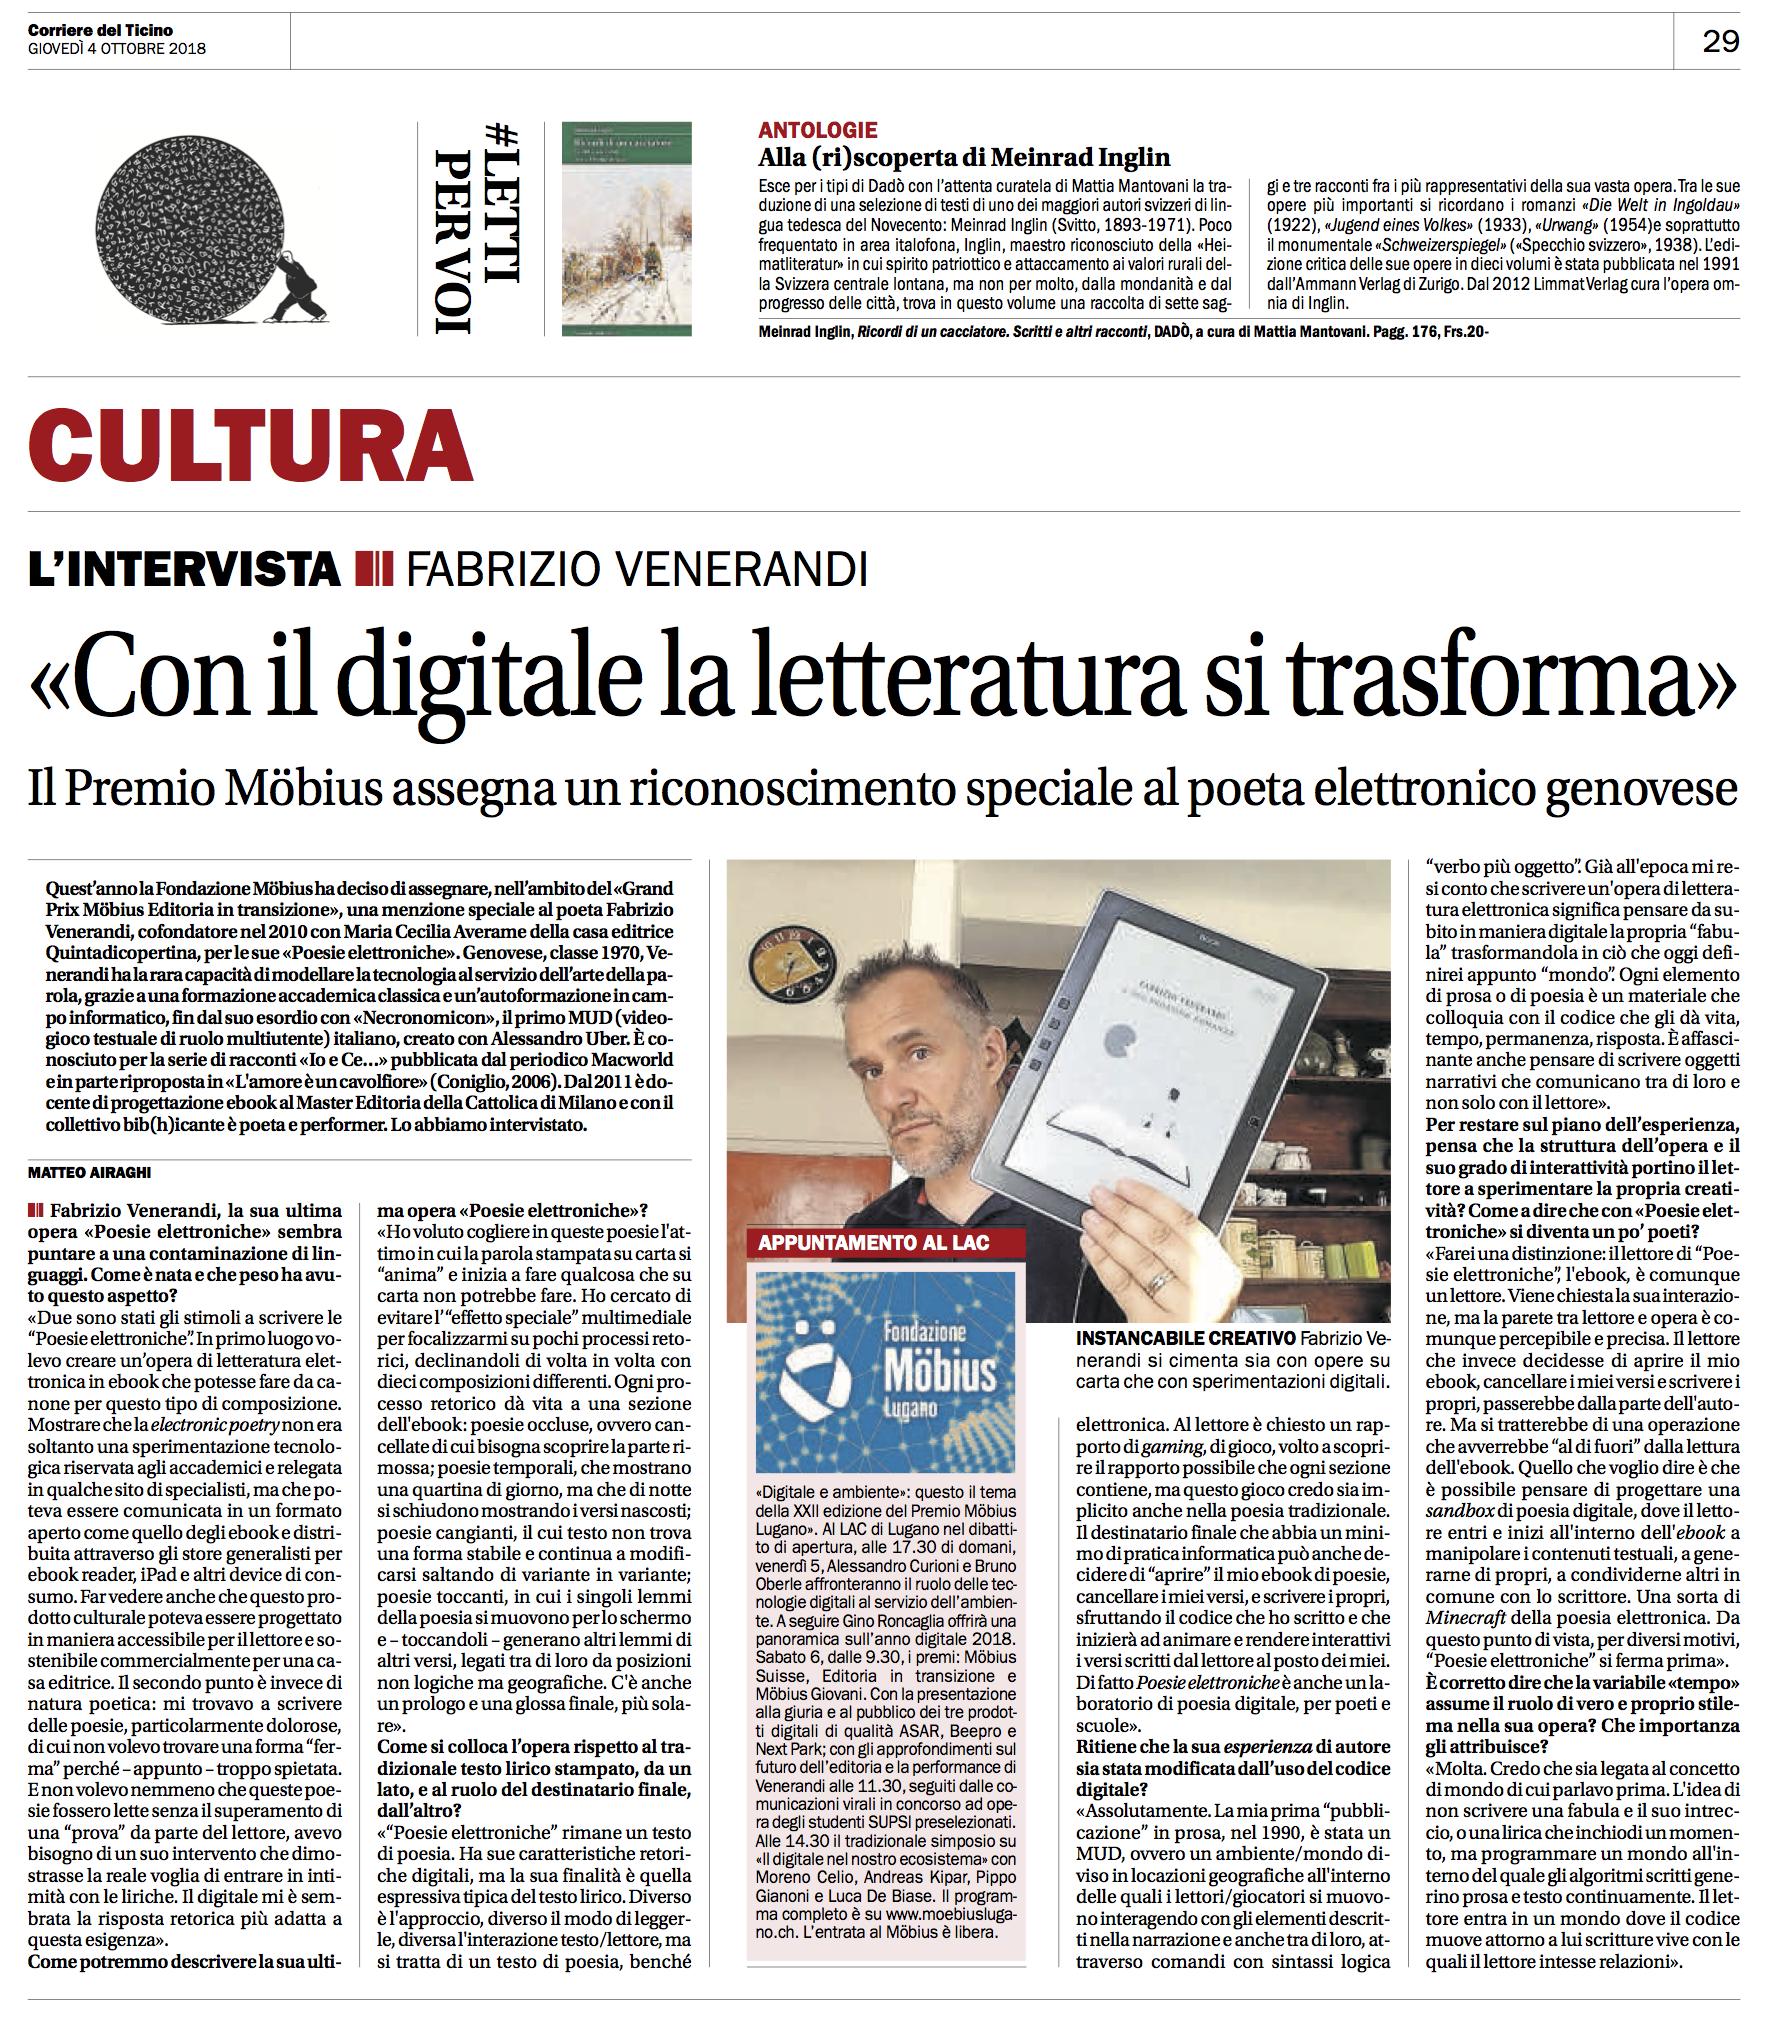 Intervista venerandi Corriere del Ticino